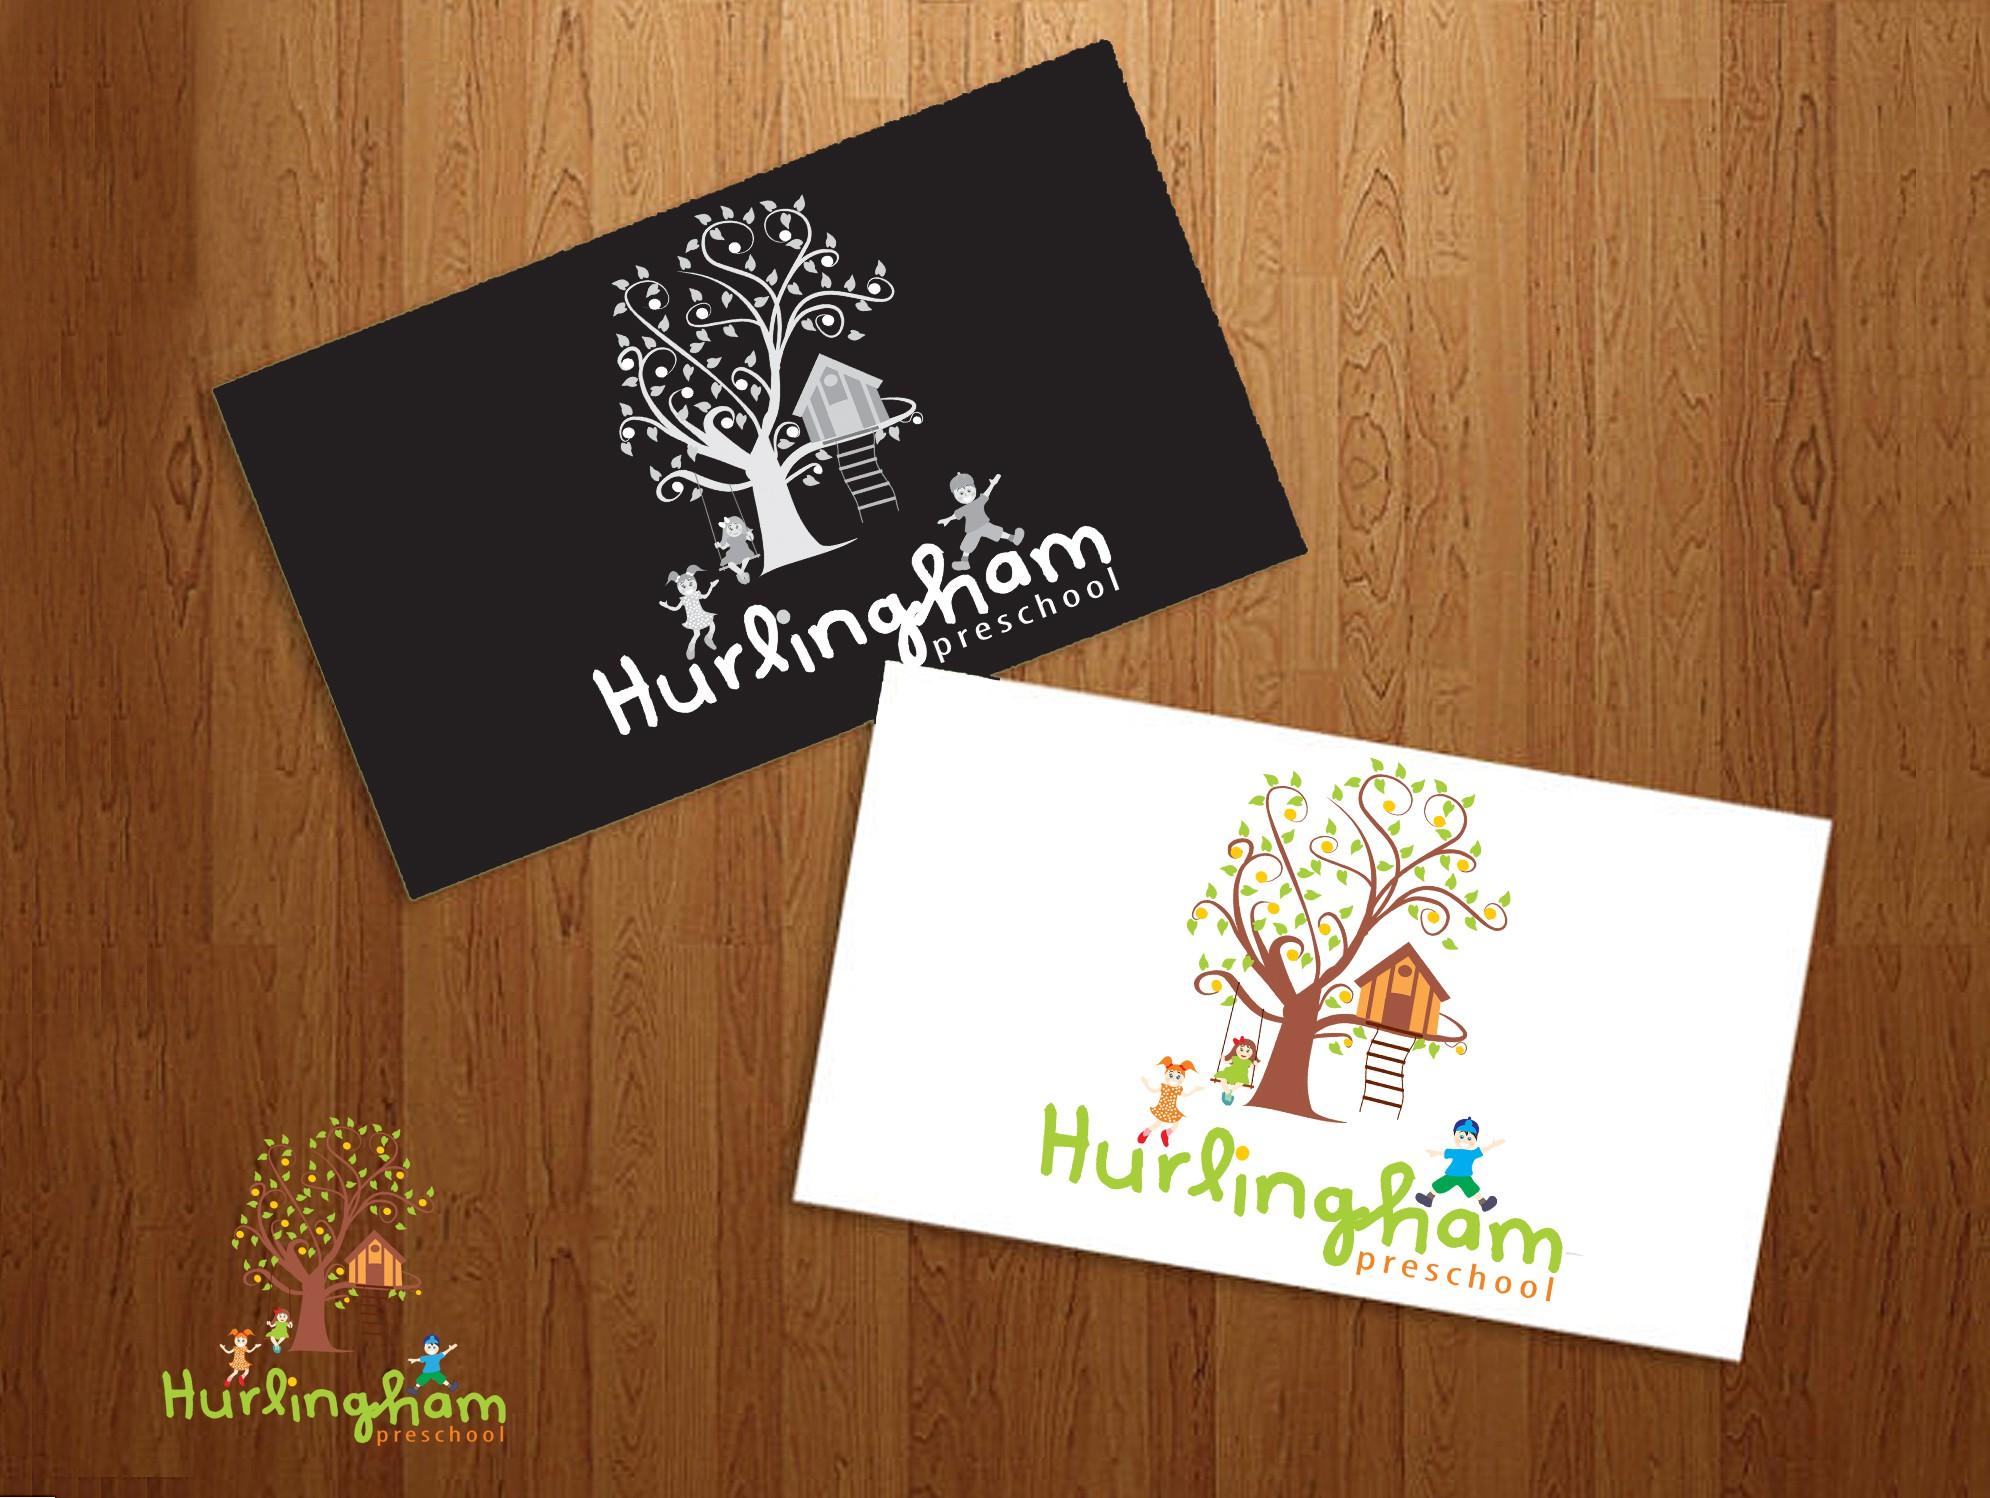 logo for Hurlingham Preschool